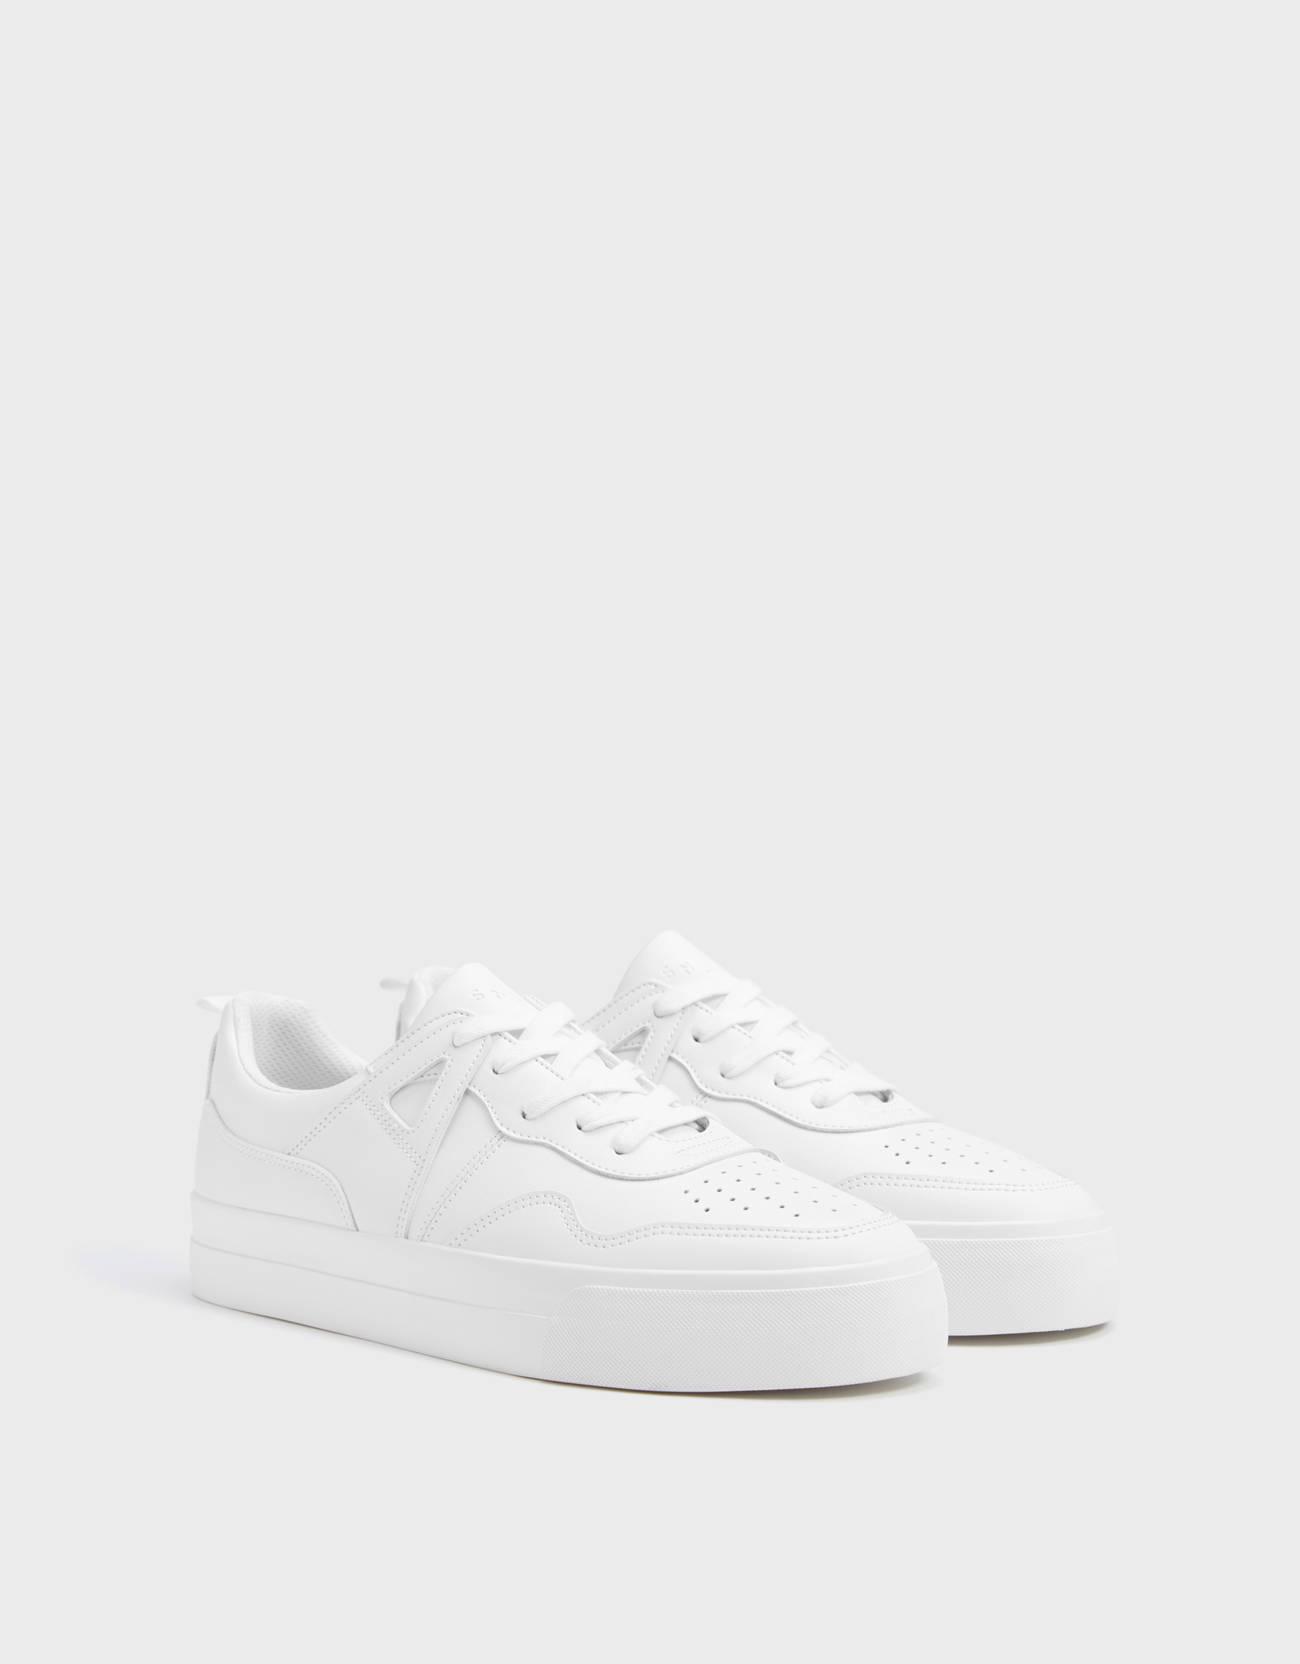 Men's white monochrome trainers